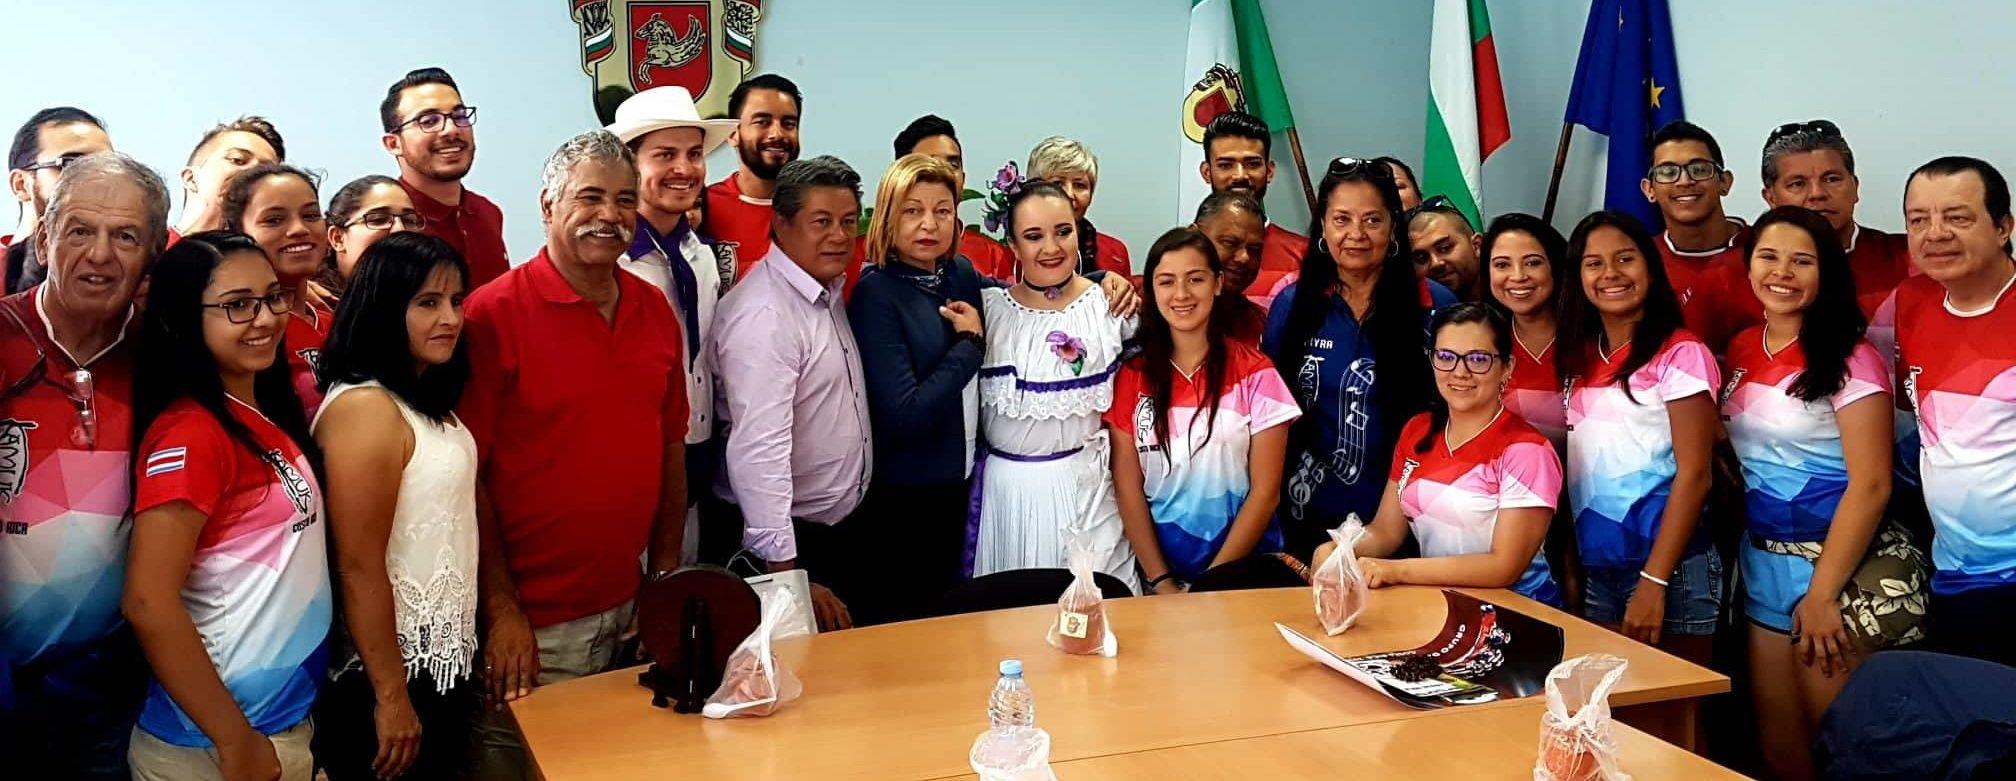 Гости от САЩ при кмета на втория ден от Панаира на кисе� ...